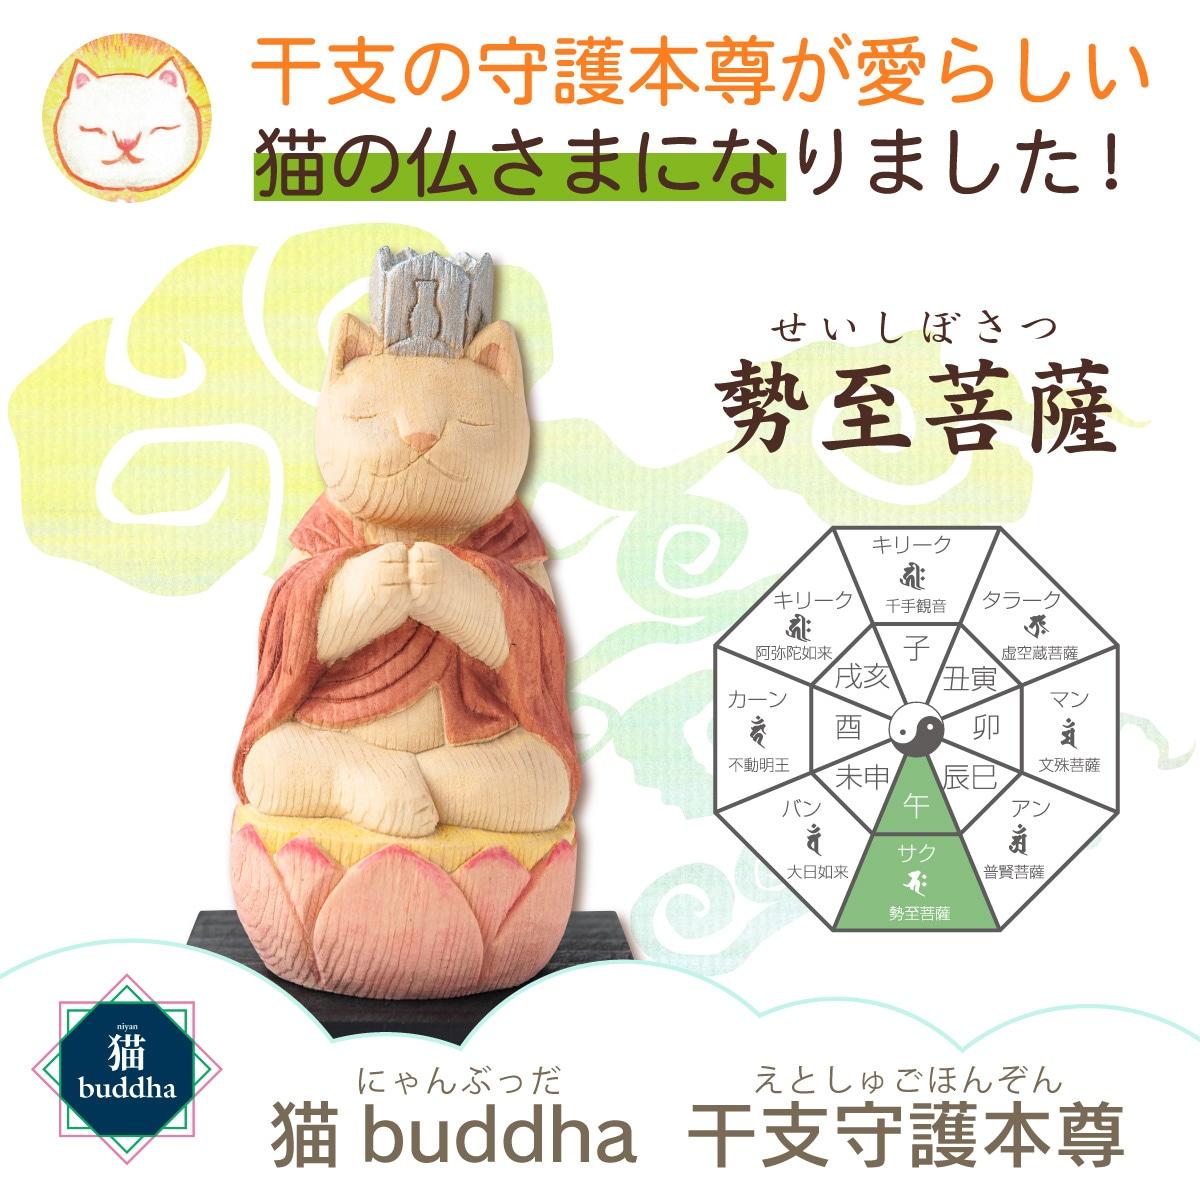 猫buddha 勢至菩薩 開運グッズ